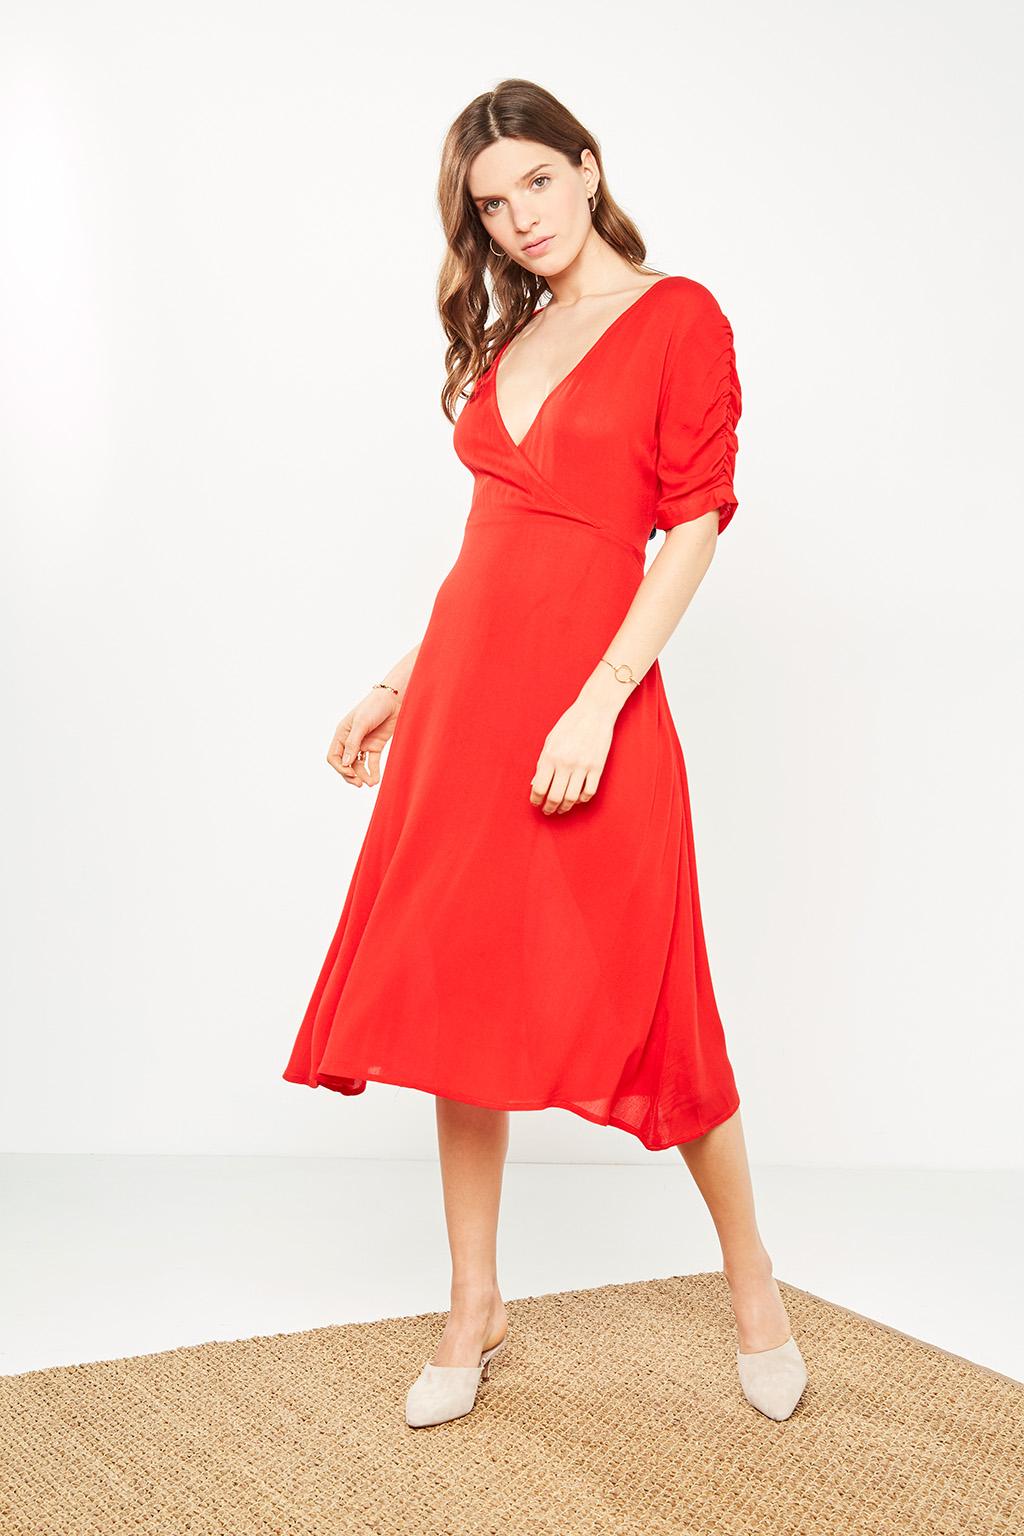 Soldes #collectionIRL prêt à porter et accessoires pour femme sur Showroomprivé.